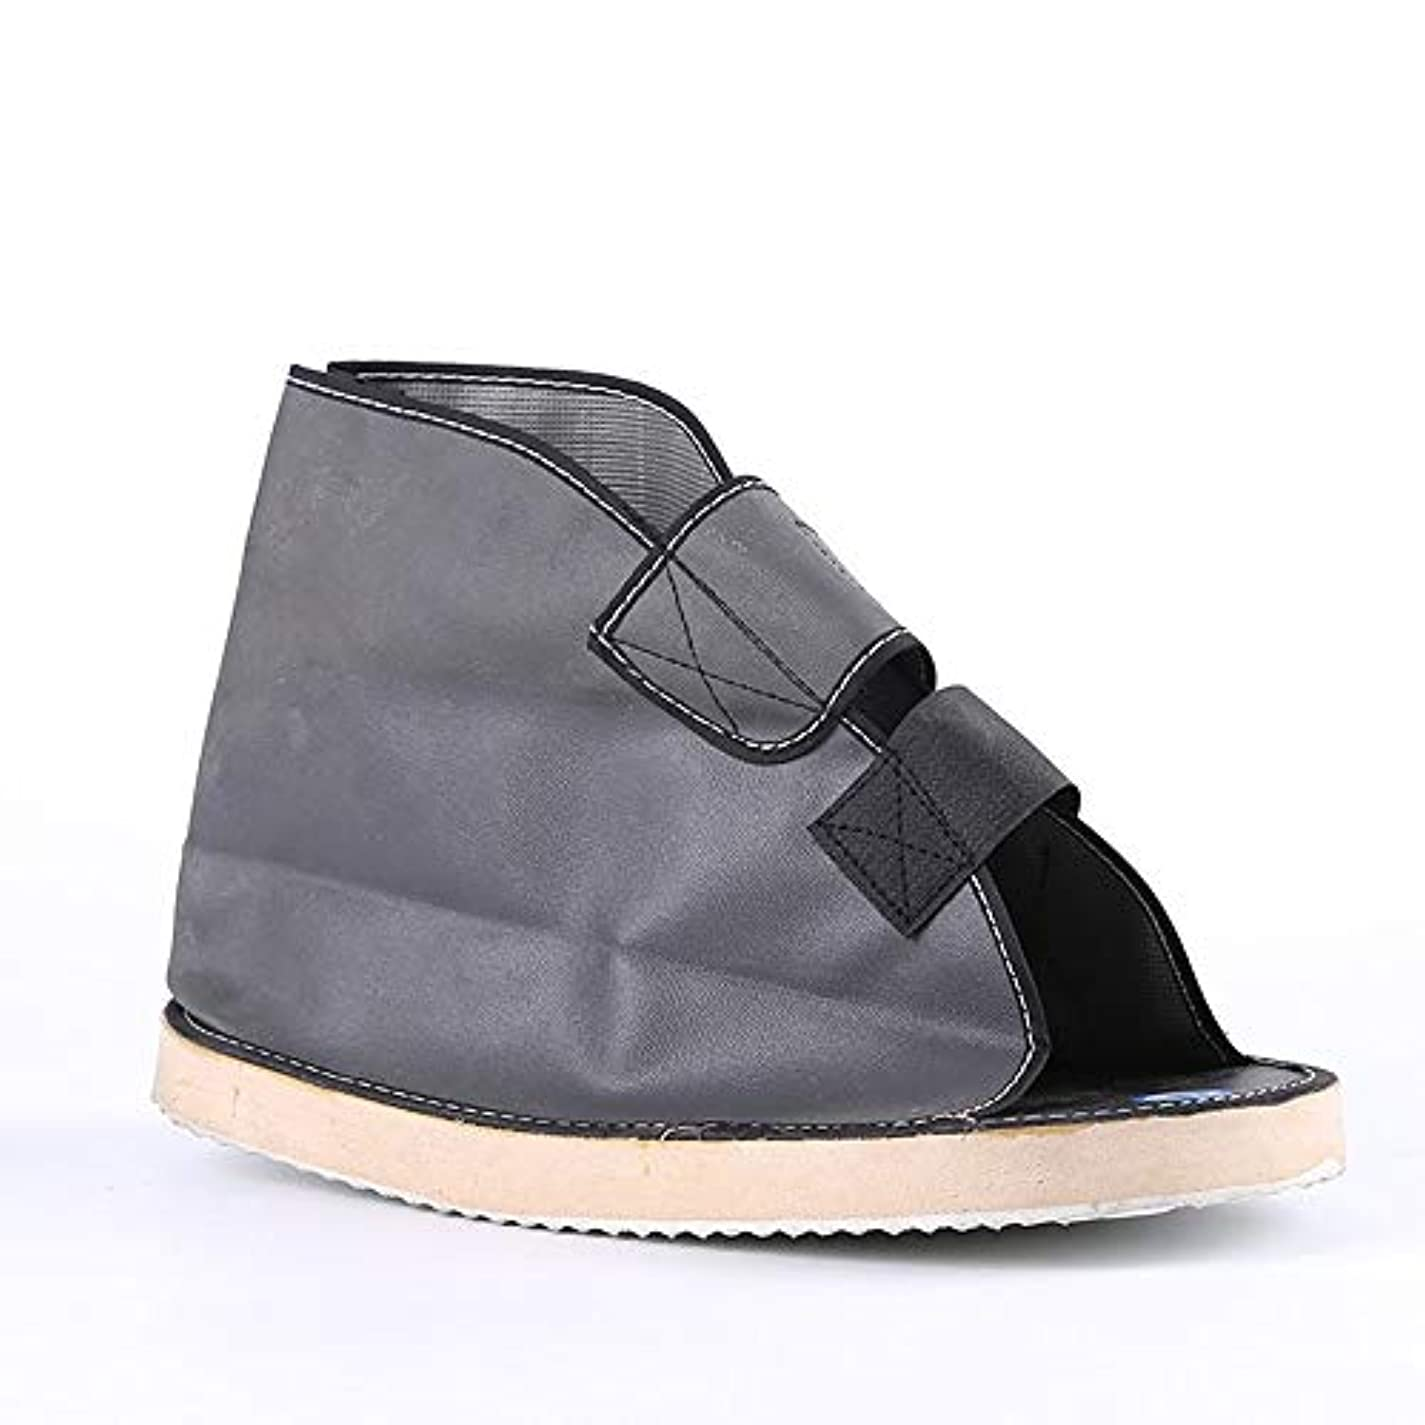 動物鷲自宅でボトムキャストの靴術後の靴 - 術後の壊れたつま先/足骨折広場つま先ウォーキングシューズ - 調節可能な医療ウォーキングブーツ (Size : L)